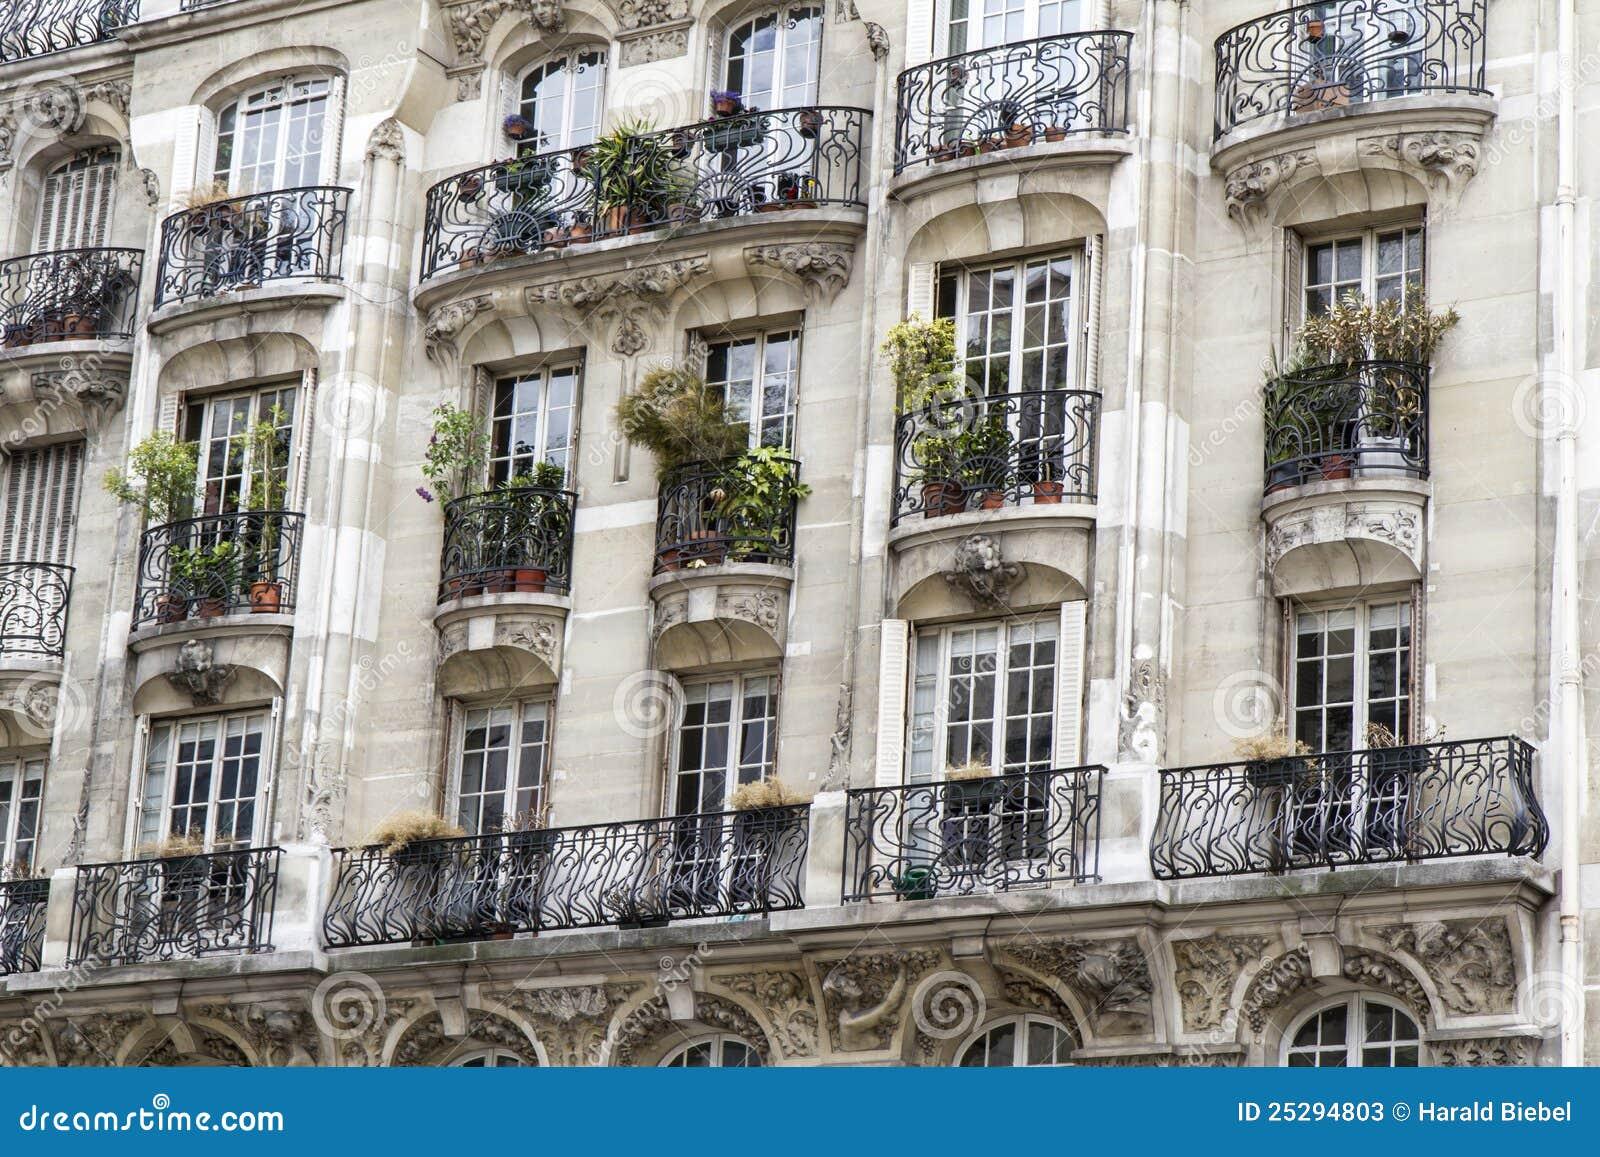 μπαλκόνι Παριζιάνος αρχιτεκτονικής χαρακτηριστικός